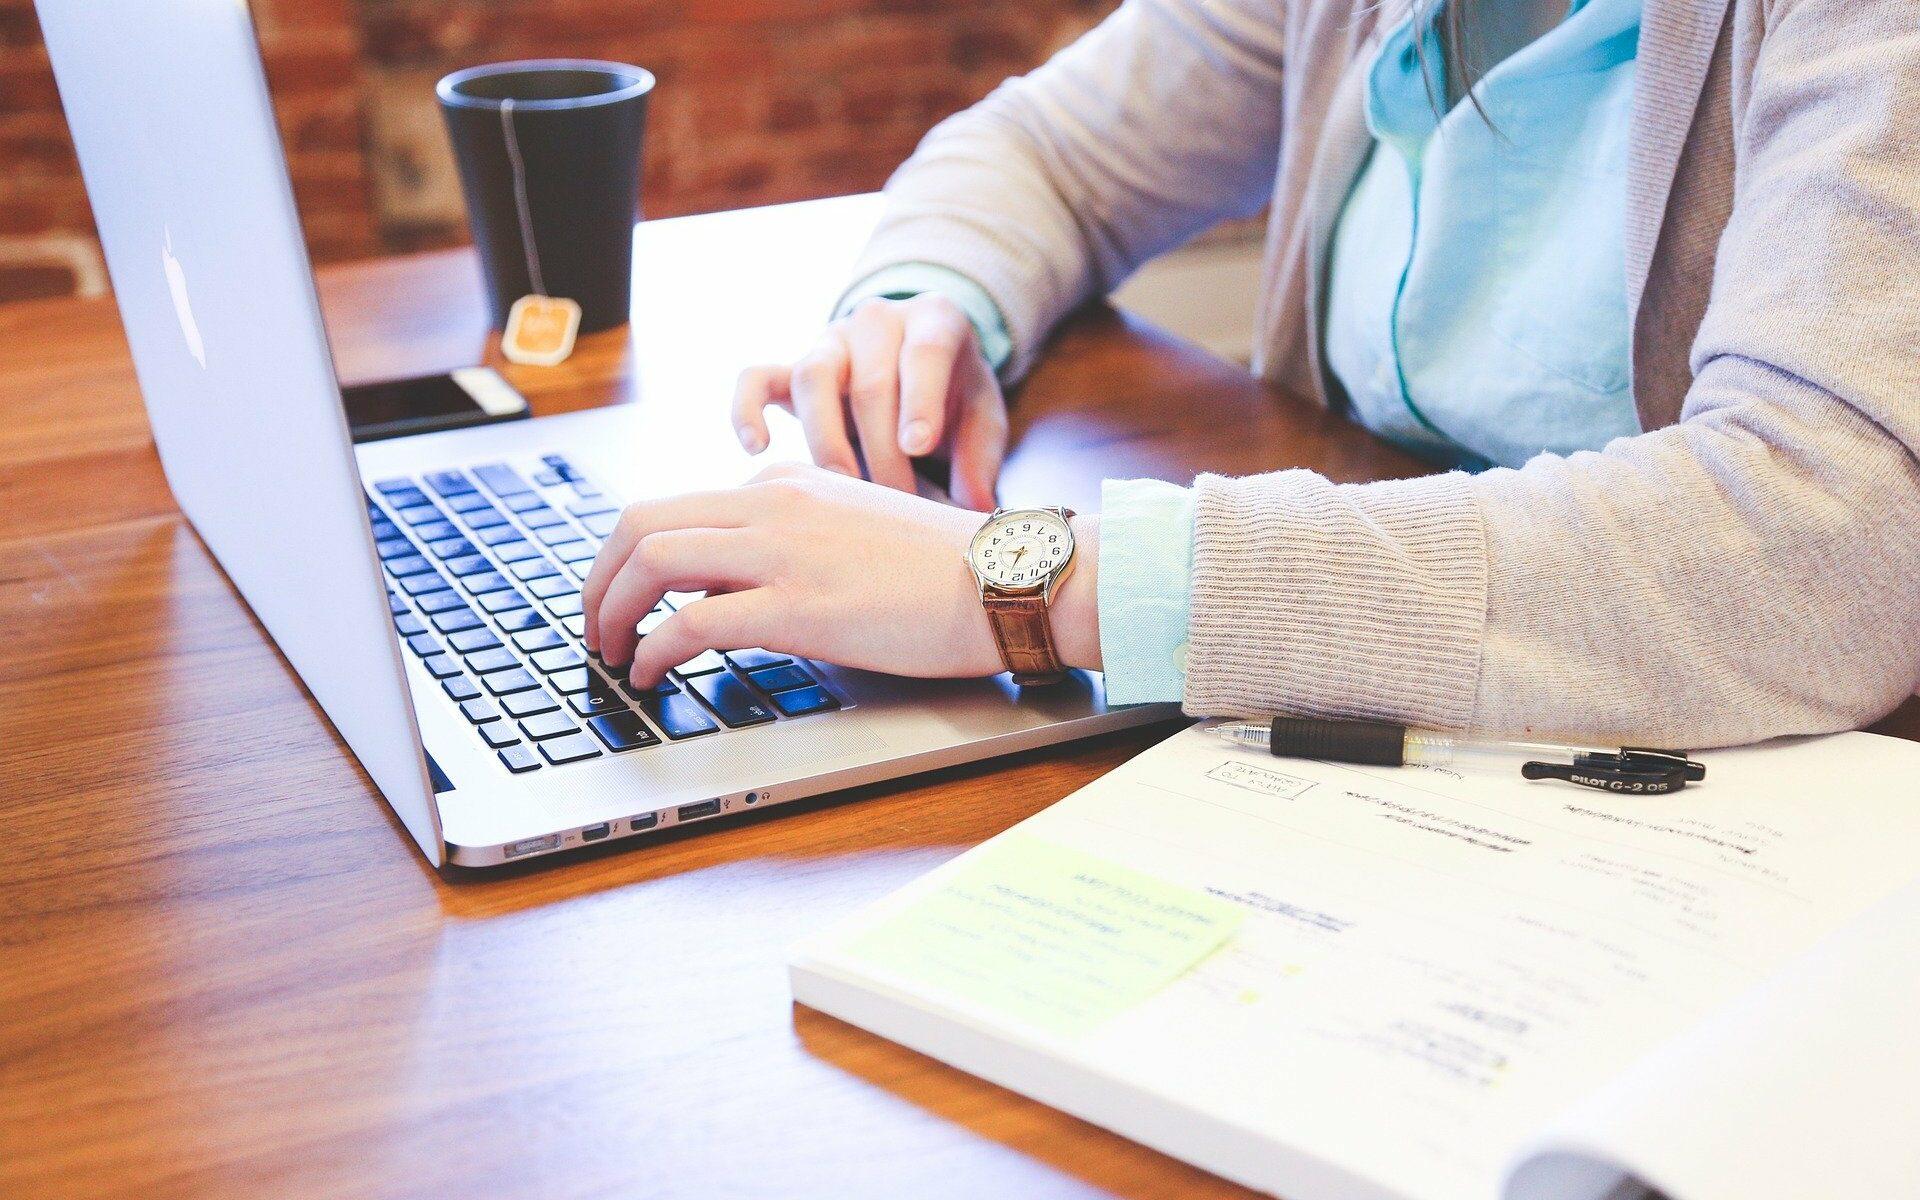 Ein sicheres Umgehen mit dem Computer gehört heutzutage zur Erwartung eines Arbeitgebers. Wir helfen Ihnen Ihre Computerkenntnisse zu erweitern und Erfahrungen zu sammeln.